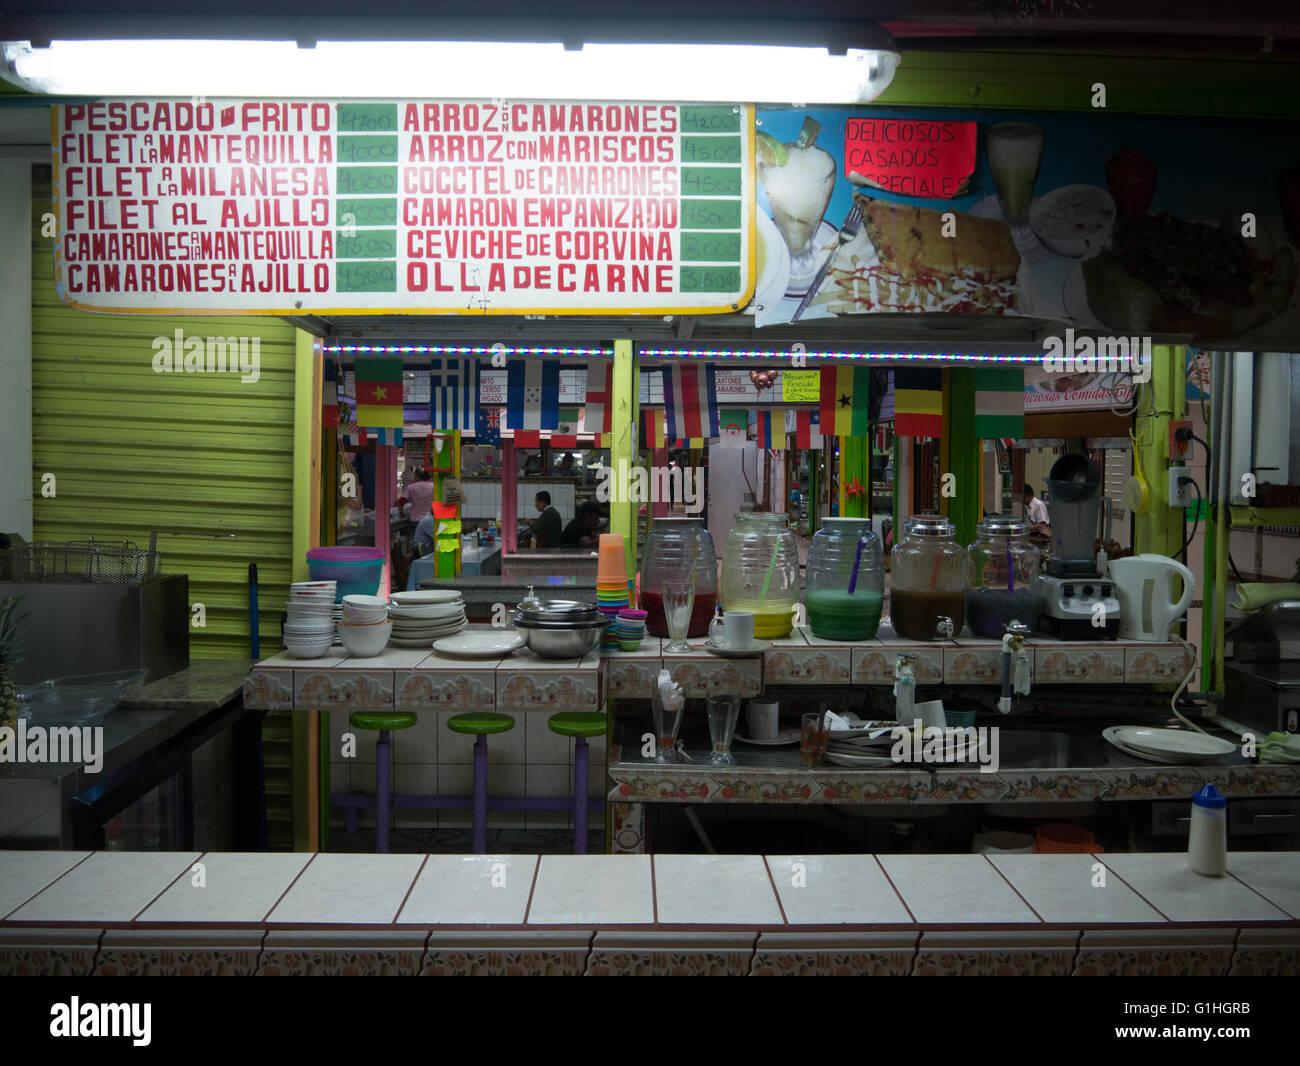 A restaurant at Mercado Central in San Jose, Costa Rica Stock Photo